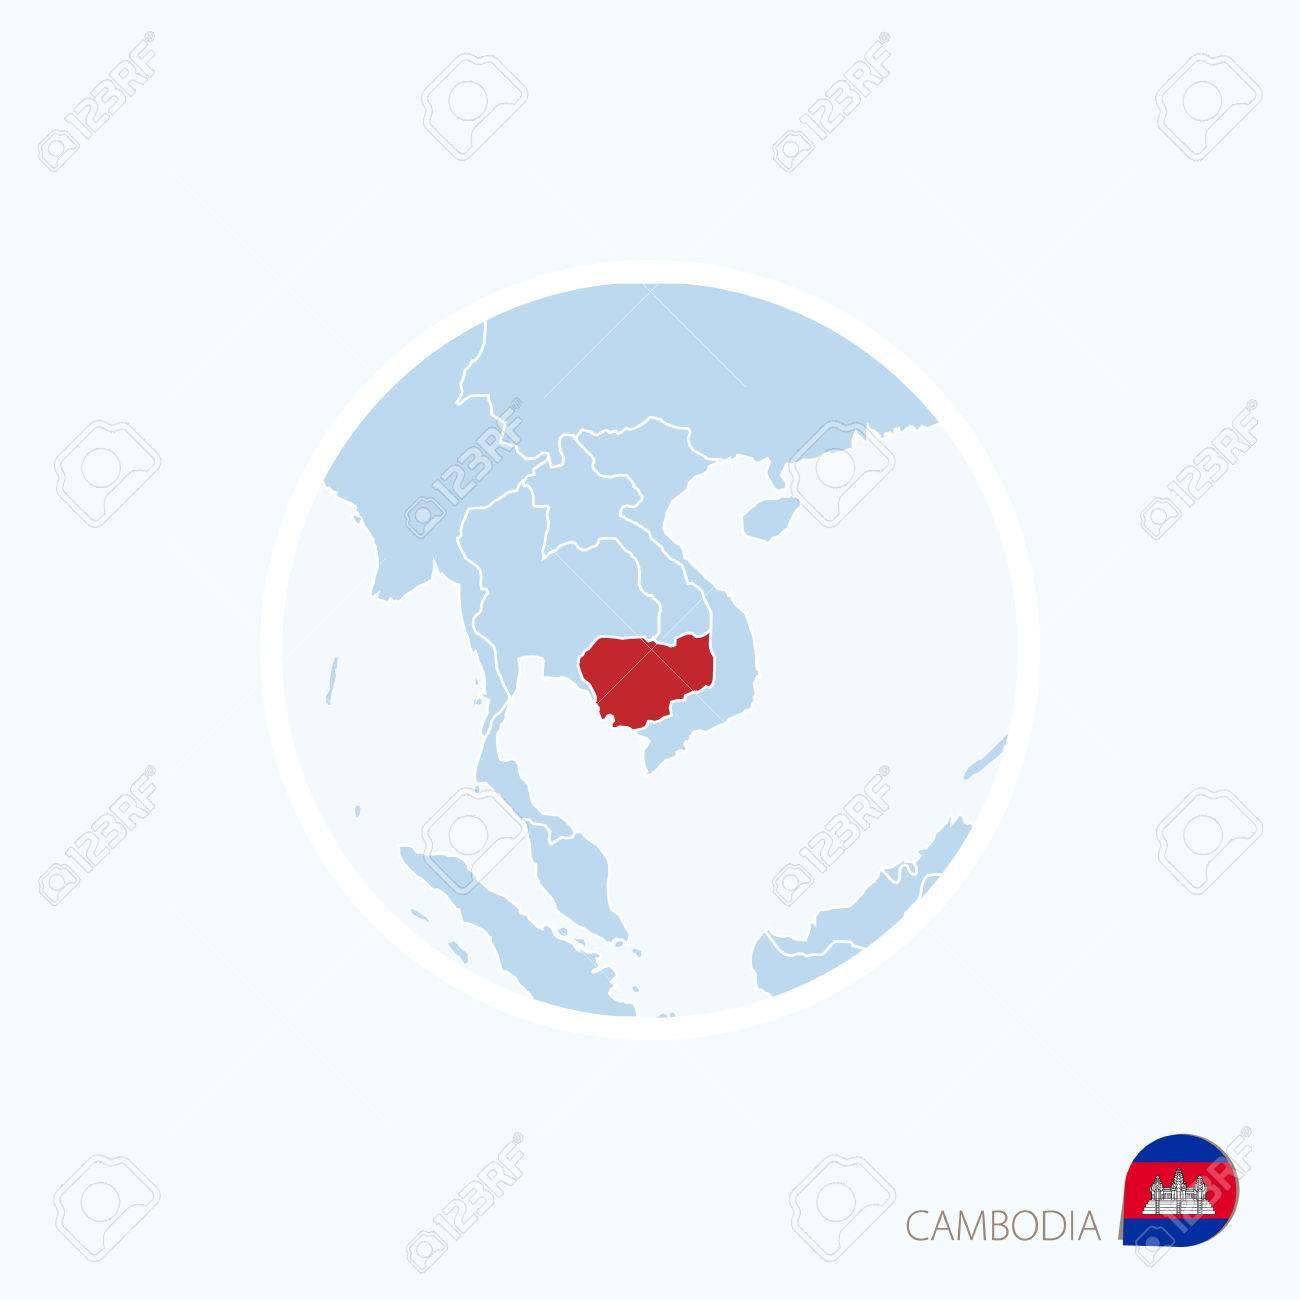 Icono De Mapa De Camboya Mapa Azul De Asia Con Camboya Destacada